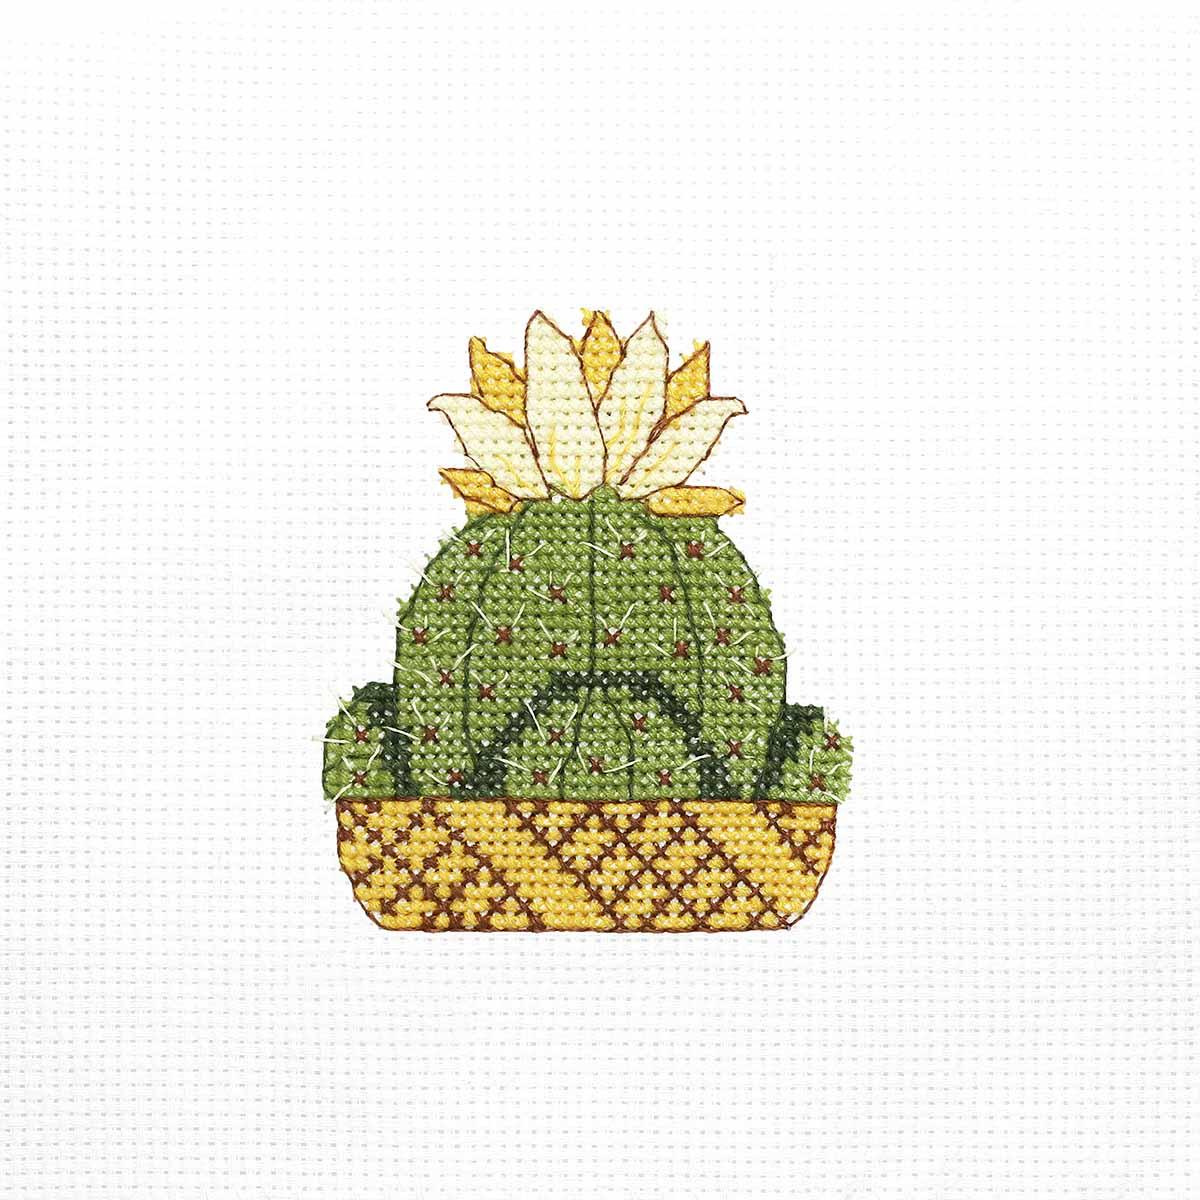 К-355 Набор для вышивания крестом Созвездие ' Цветок саванны' 7,5*8,5см